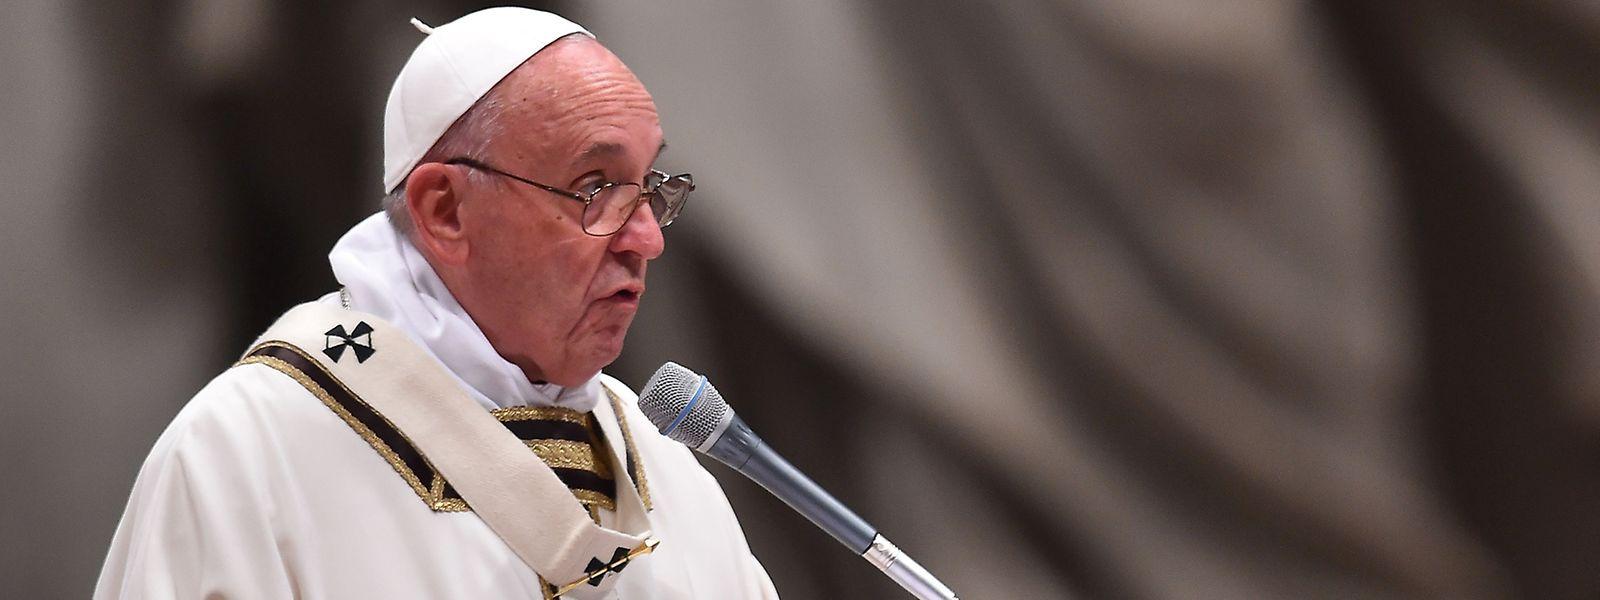 Weihnachtspredigt: Papst Franziskus geißelt Konsumgesellschaft